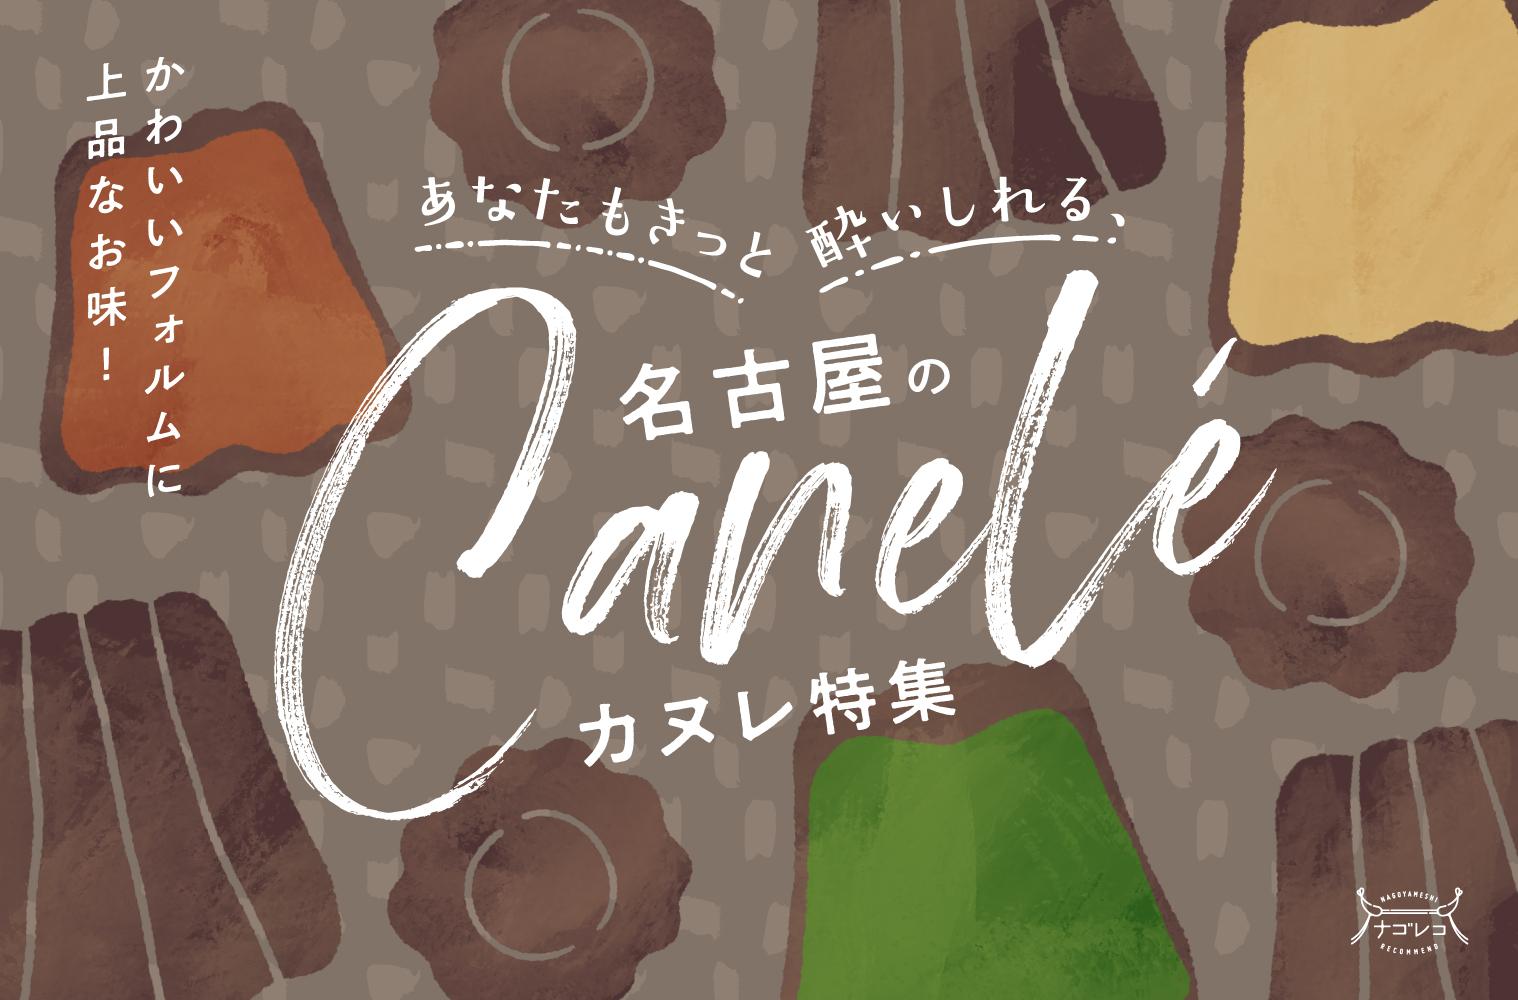 まとめ|かわいいフォルムに上品なお味!あなたもきっと酔いしれる、名古屋のカヌレ特集